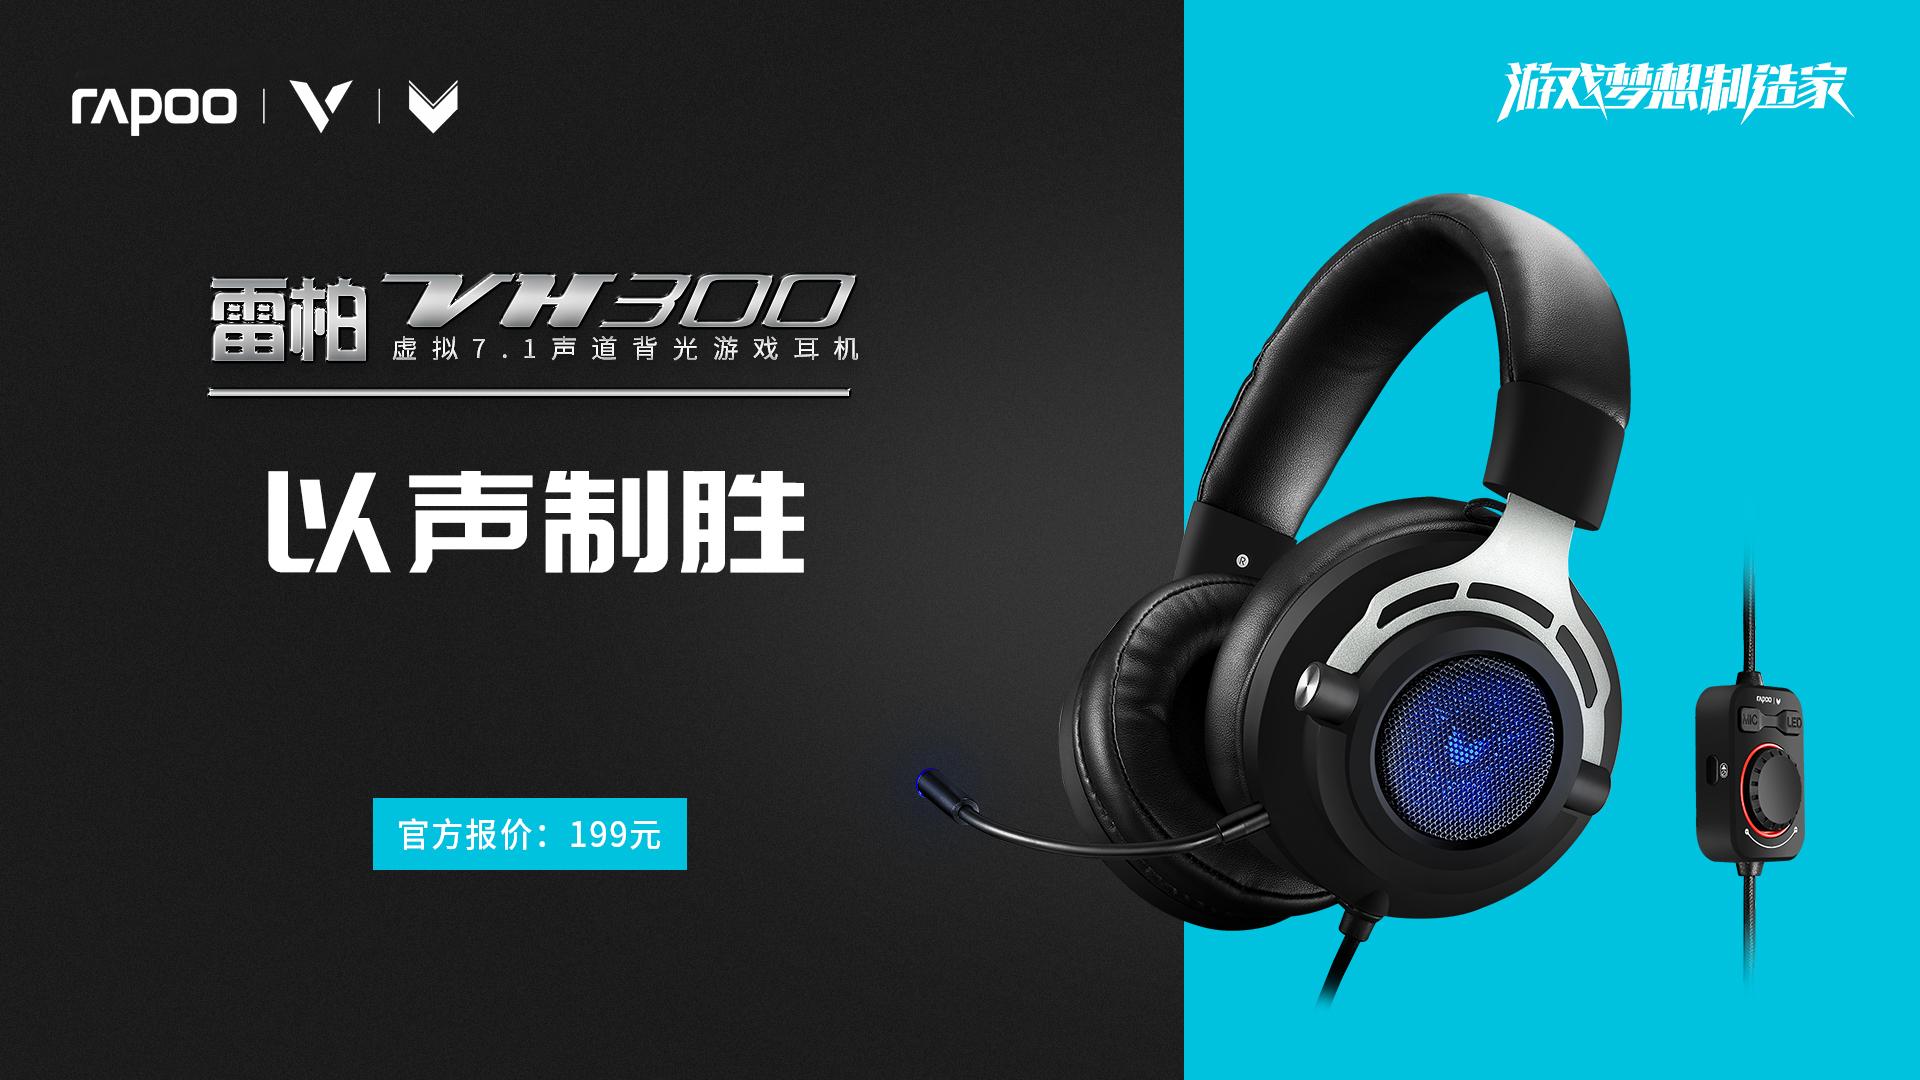 雷柏VH300背光游戏耳机《使命召唤online》试玩